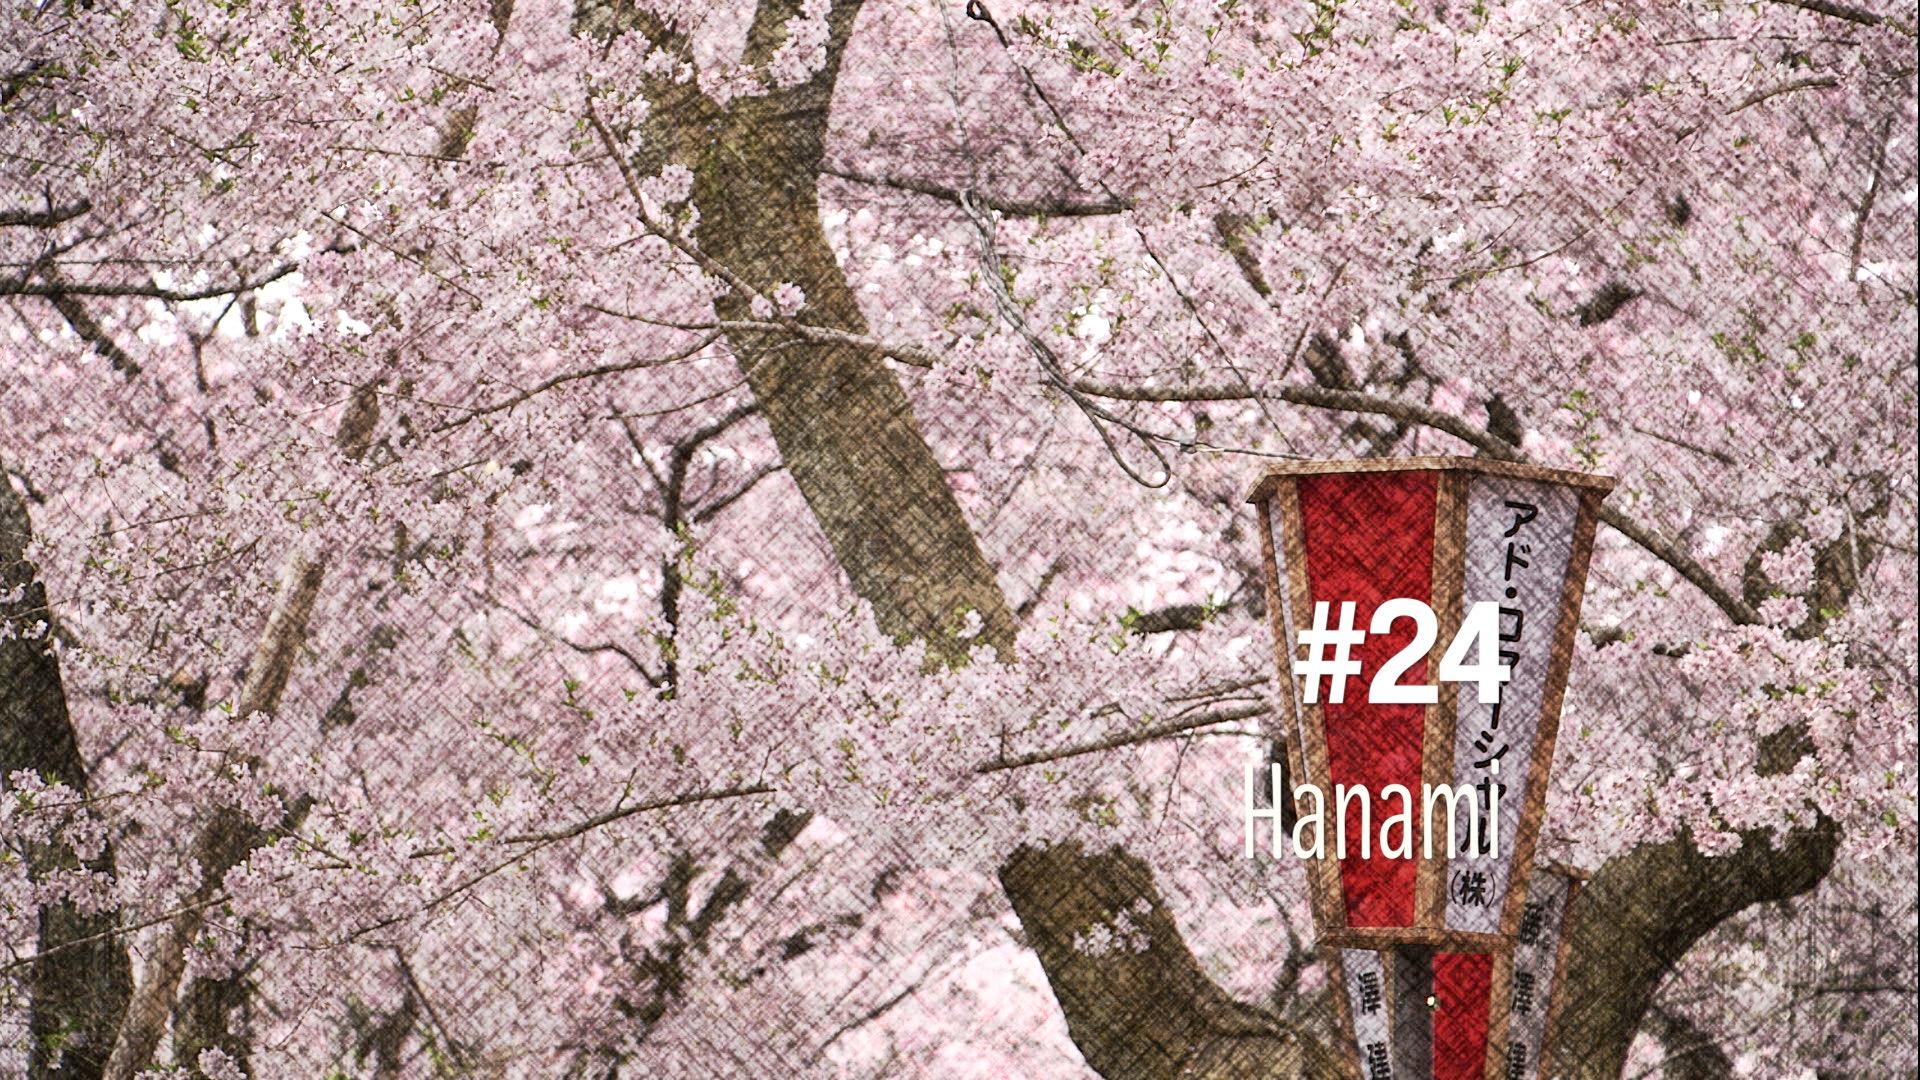 Hanami : admirer les fleurs de cerisiers au Japon (#24)